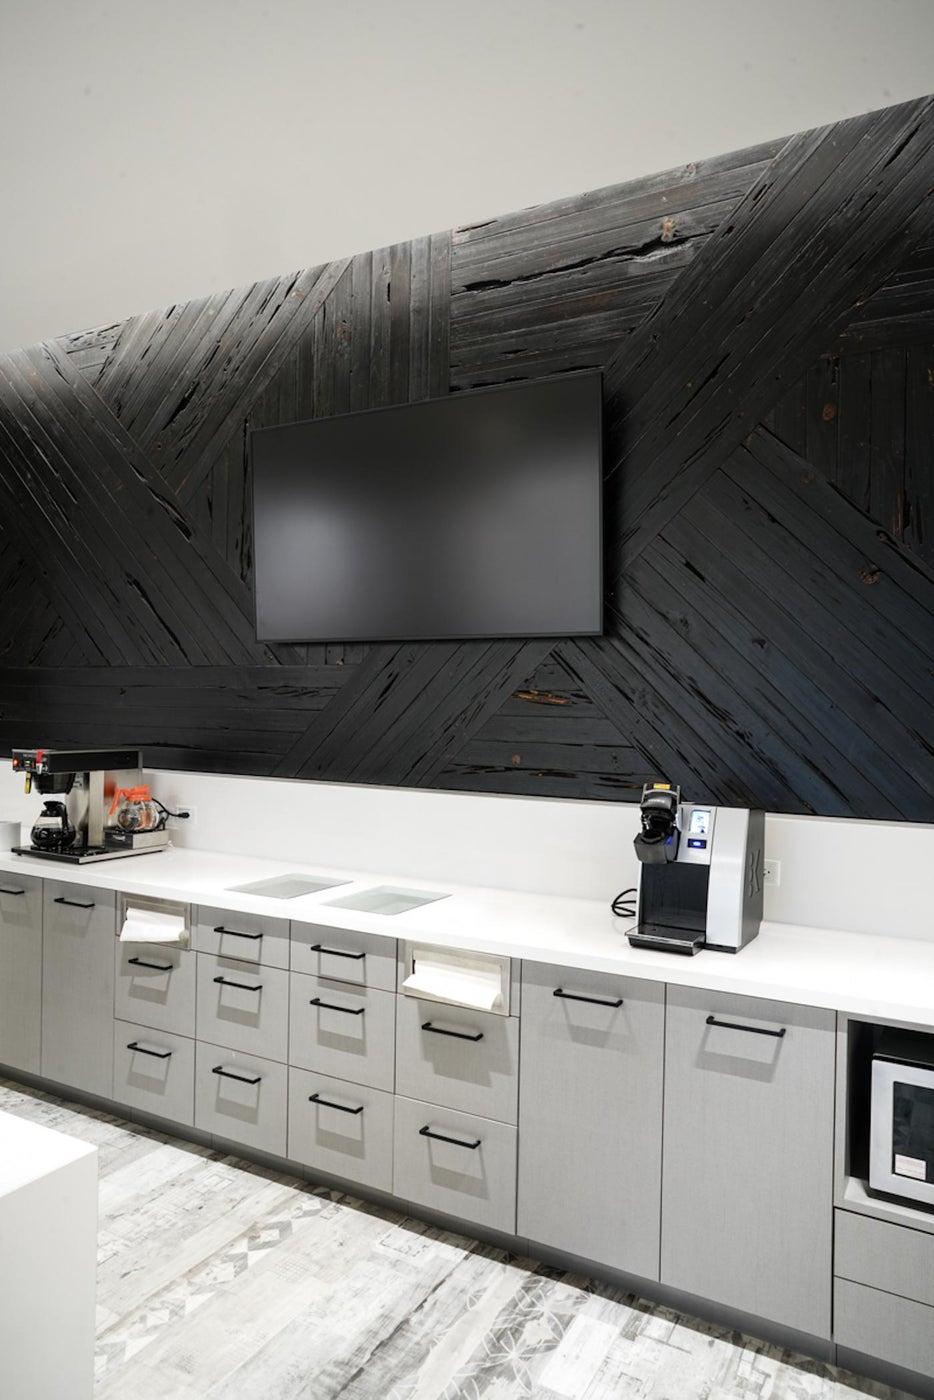 Break Room in an Office Building. Shou Sugi Ban Cedar Wall Panel.